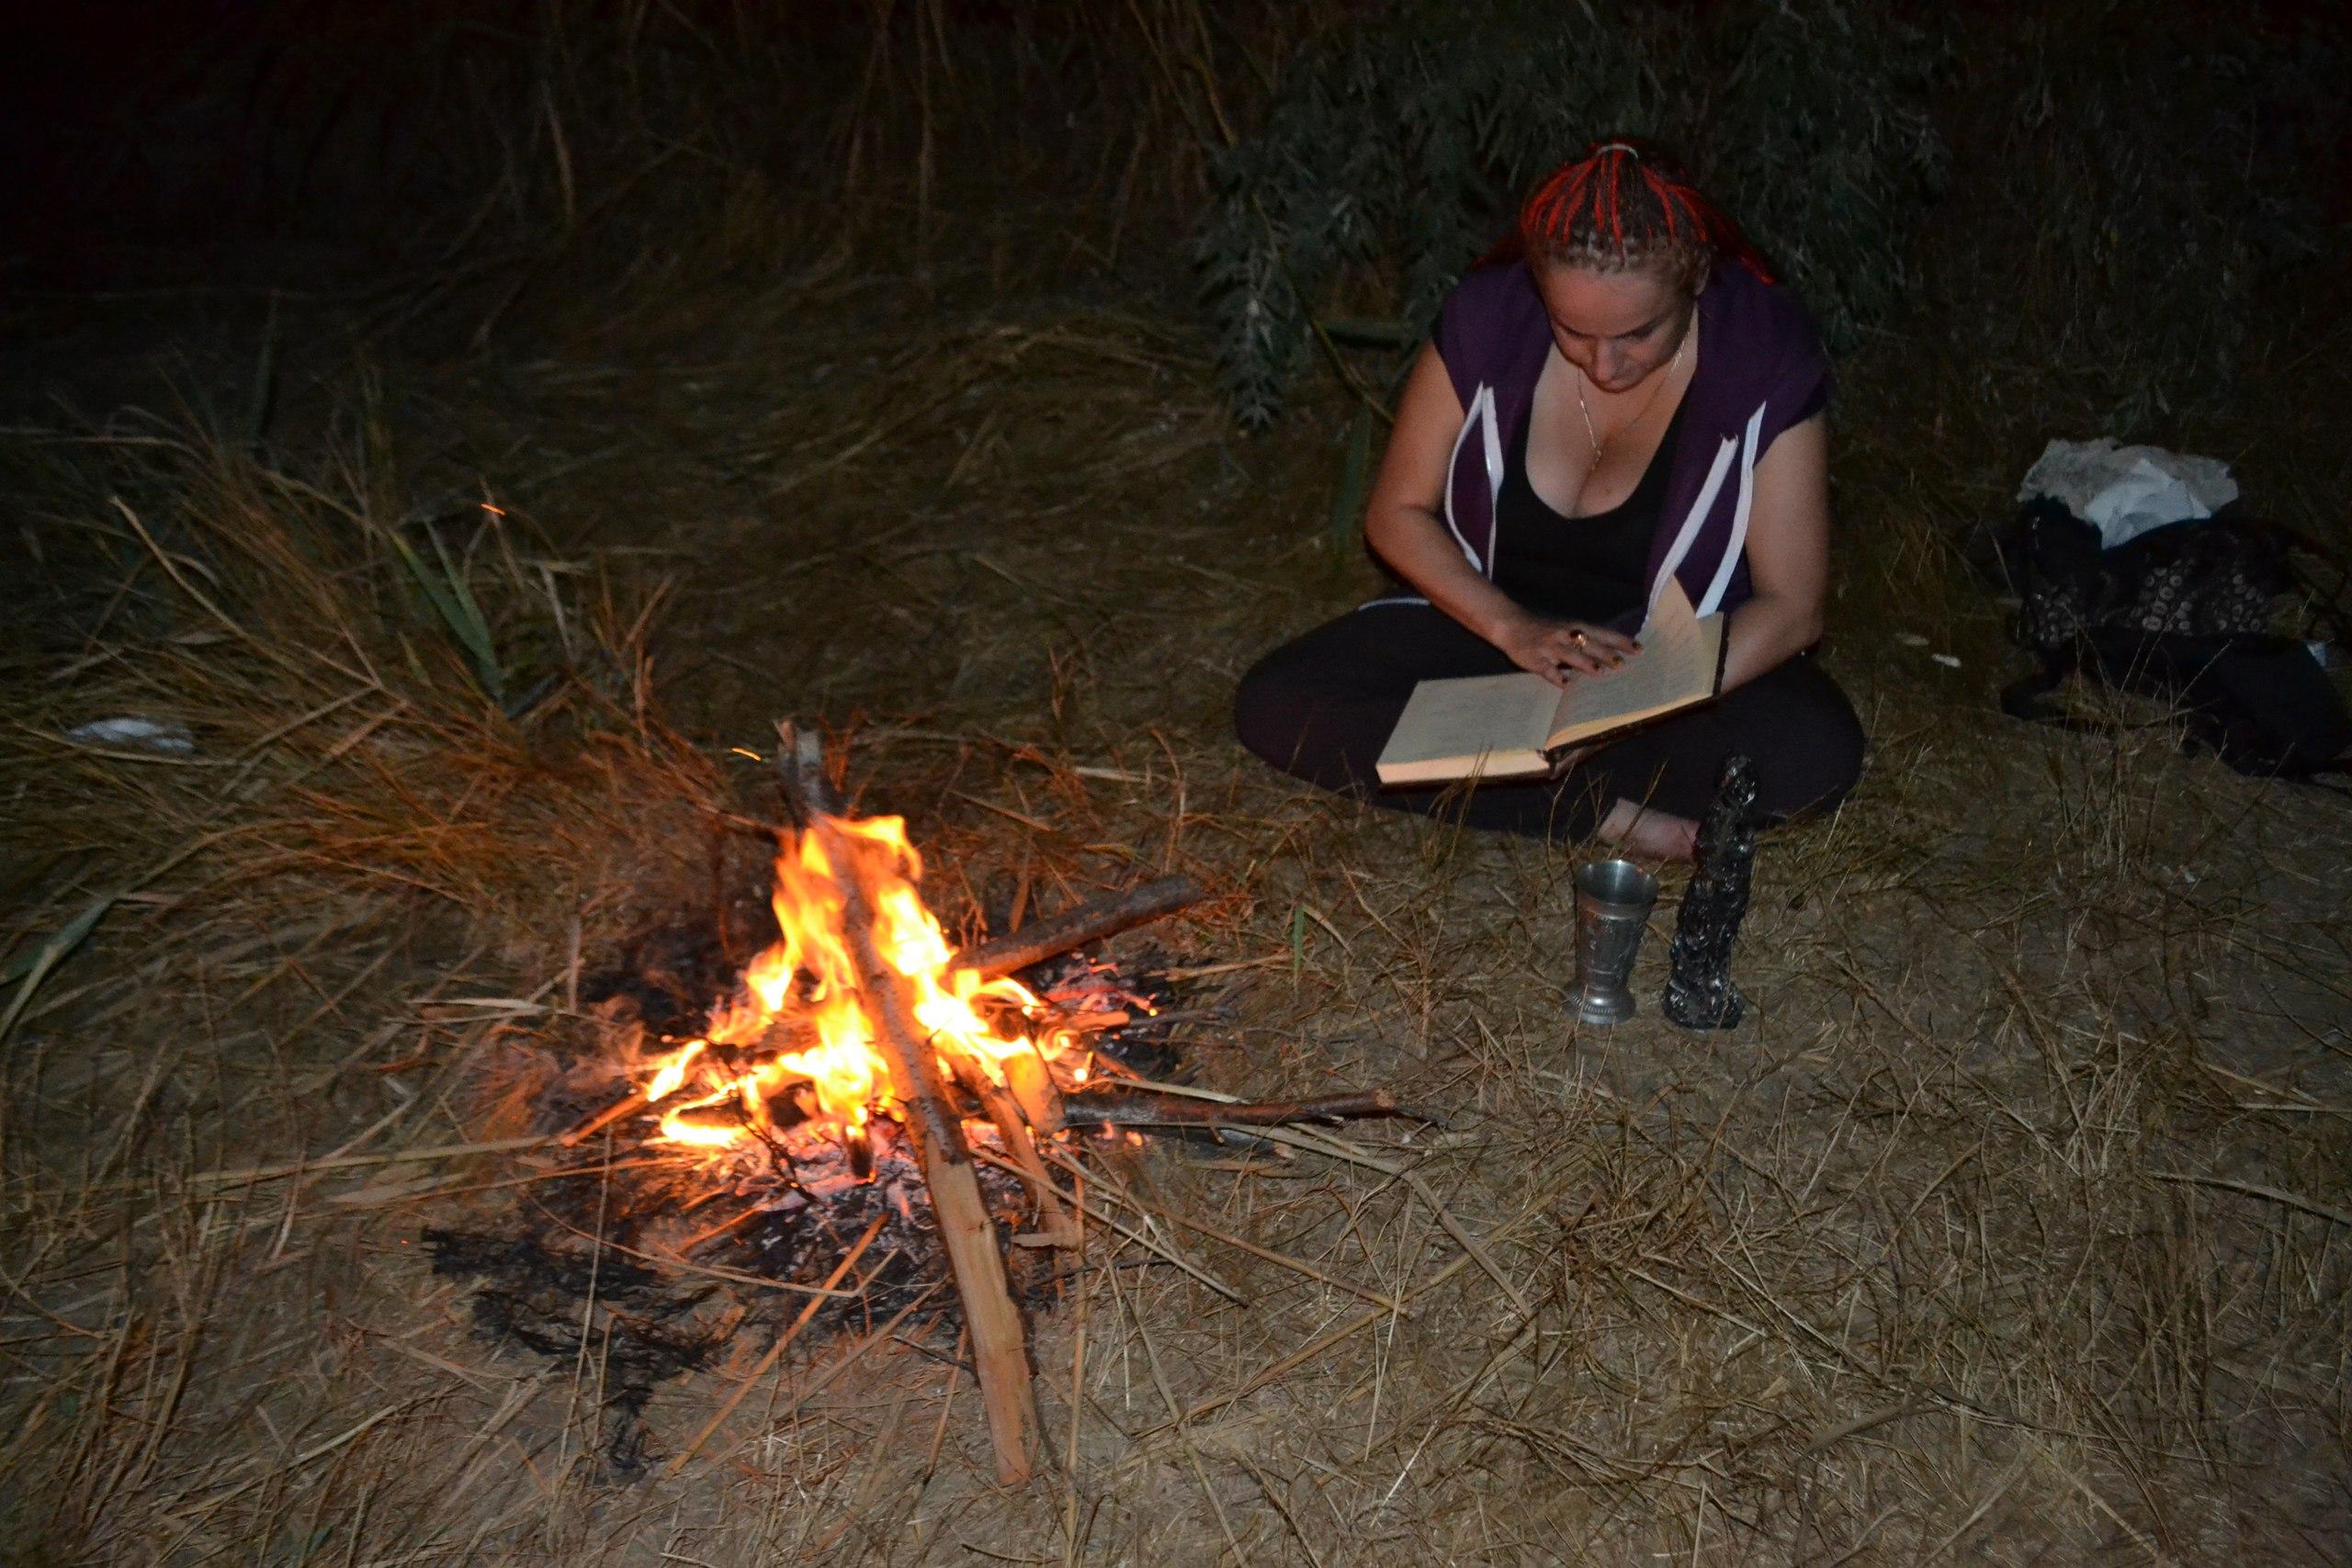 Елена Руденко (Валтея) Украина. Одесса. 17-21 августа 2016 г. - Страница 2 EeZUELpRLzg